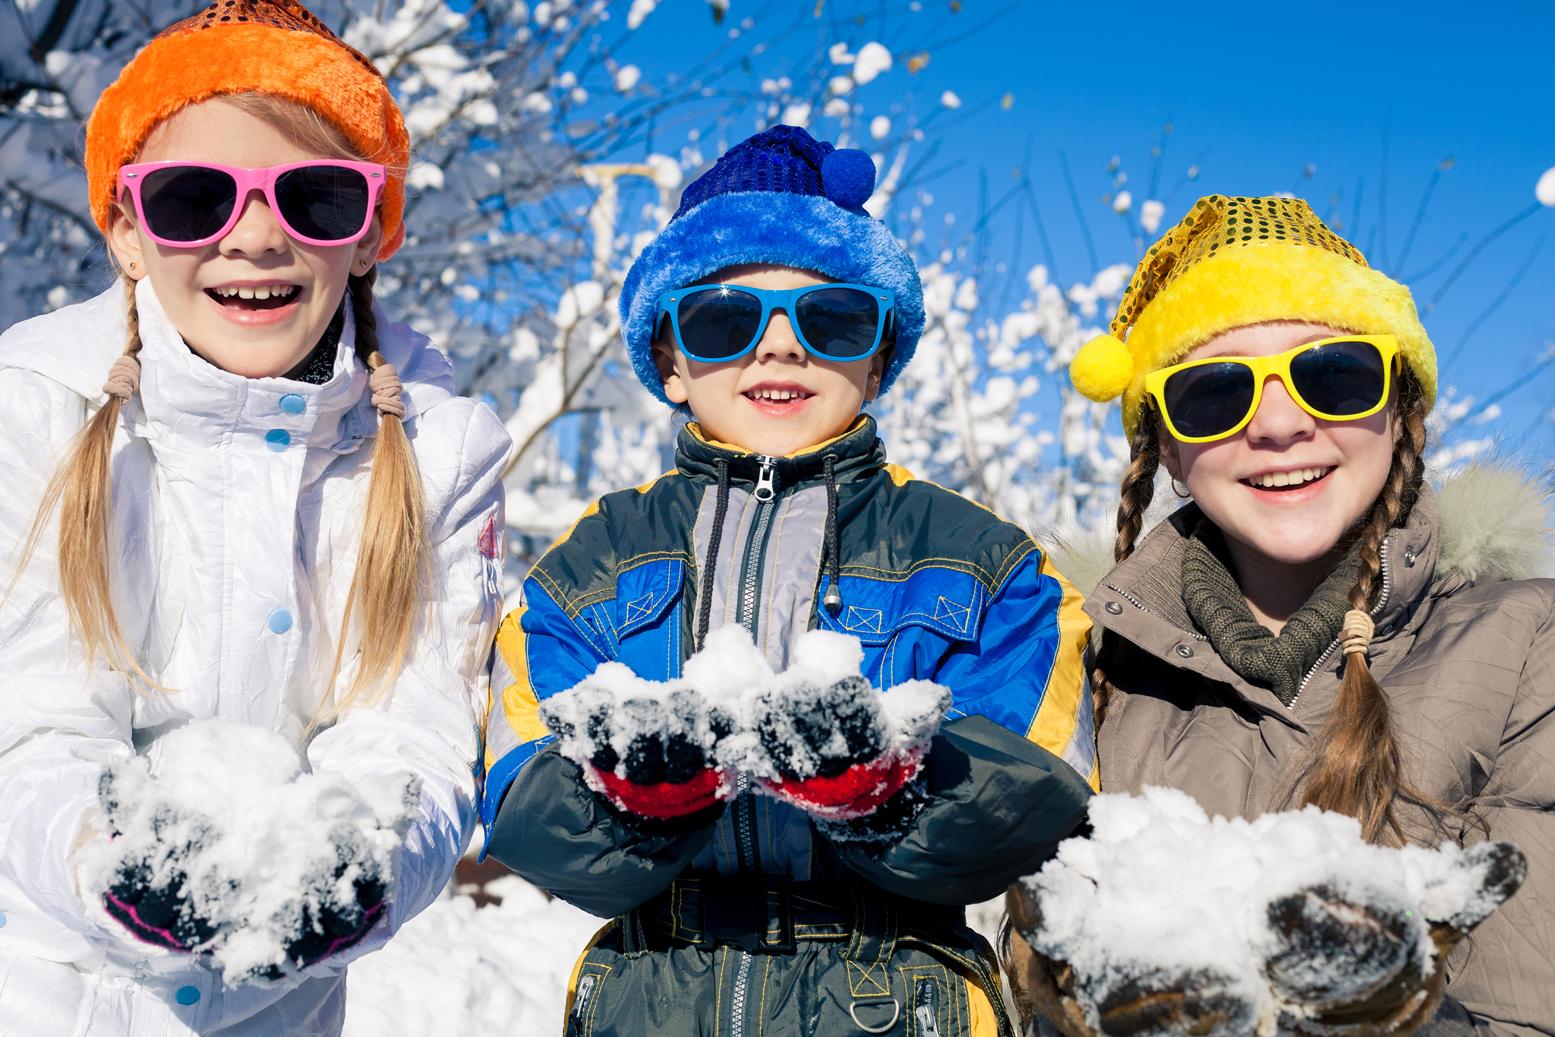 Regalos De Navidad Para Los Pequeños Amantes De La Nieve